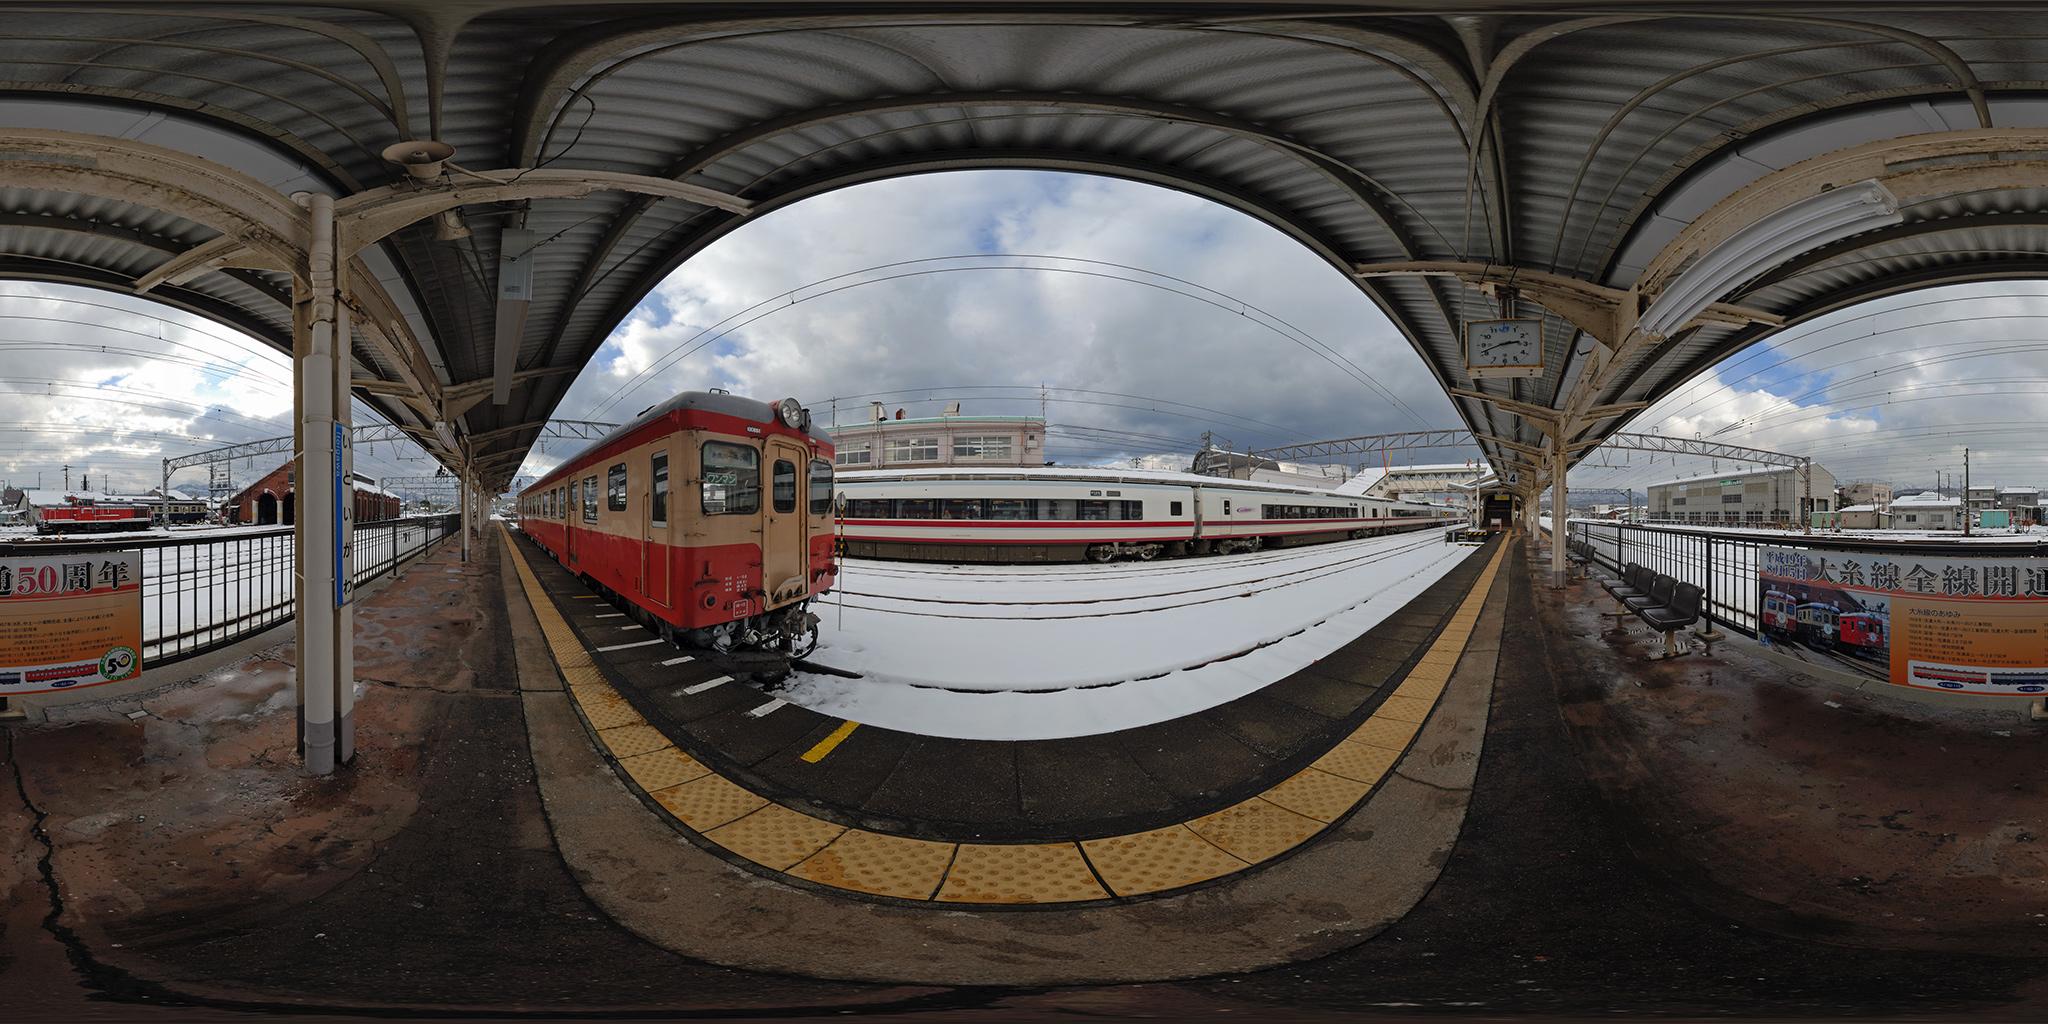 大糸線糸魚川駅に停車中のキハ52-115